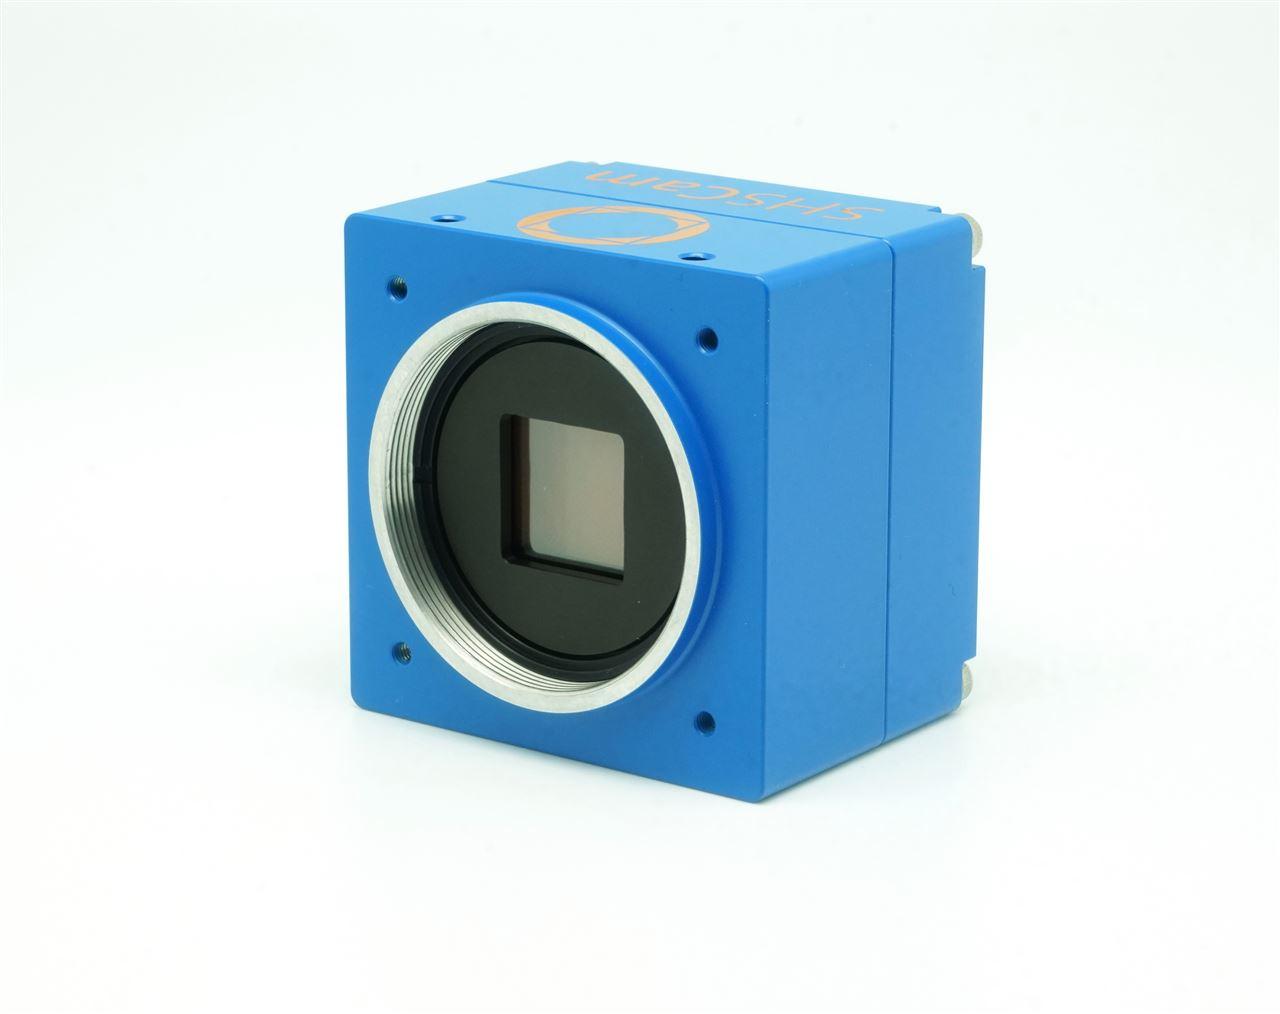 High resolution Shack-Hartmann wavefront sensor SHSCam UHR3